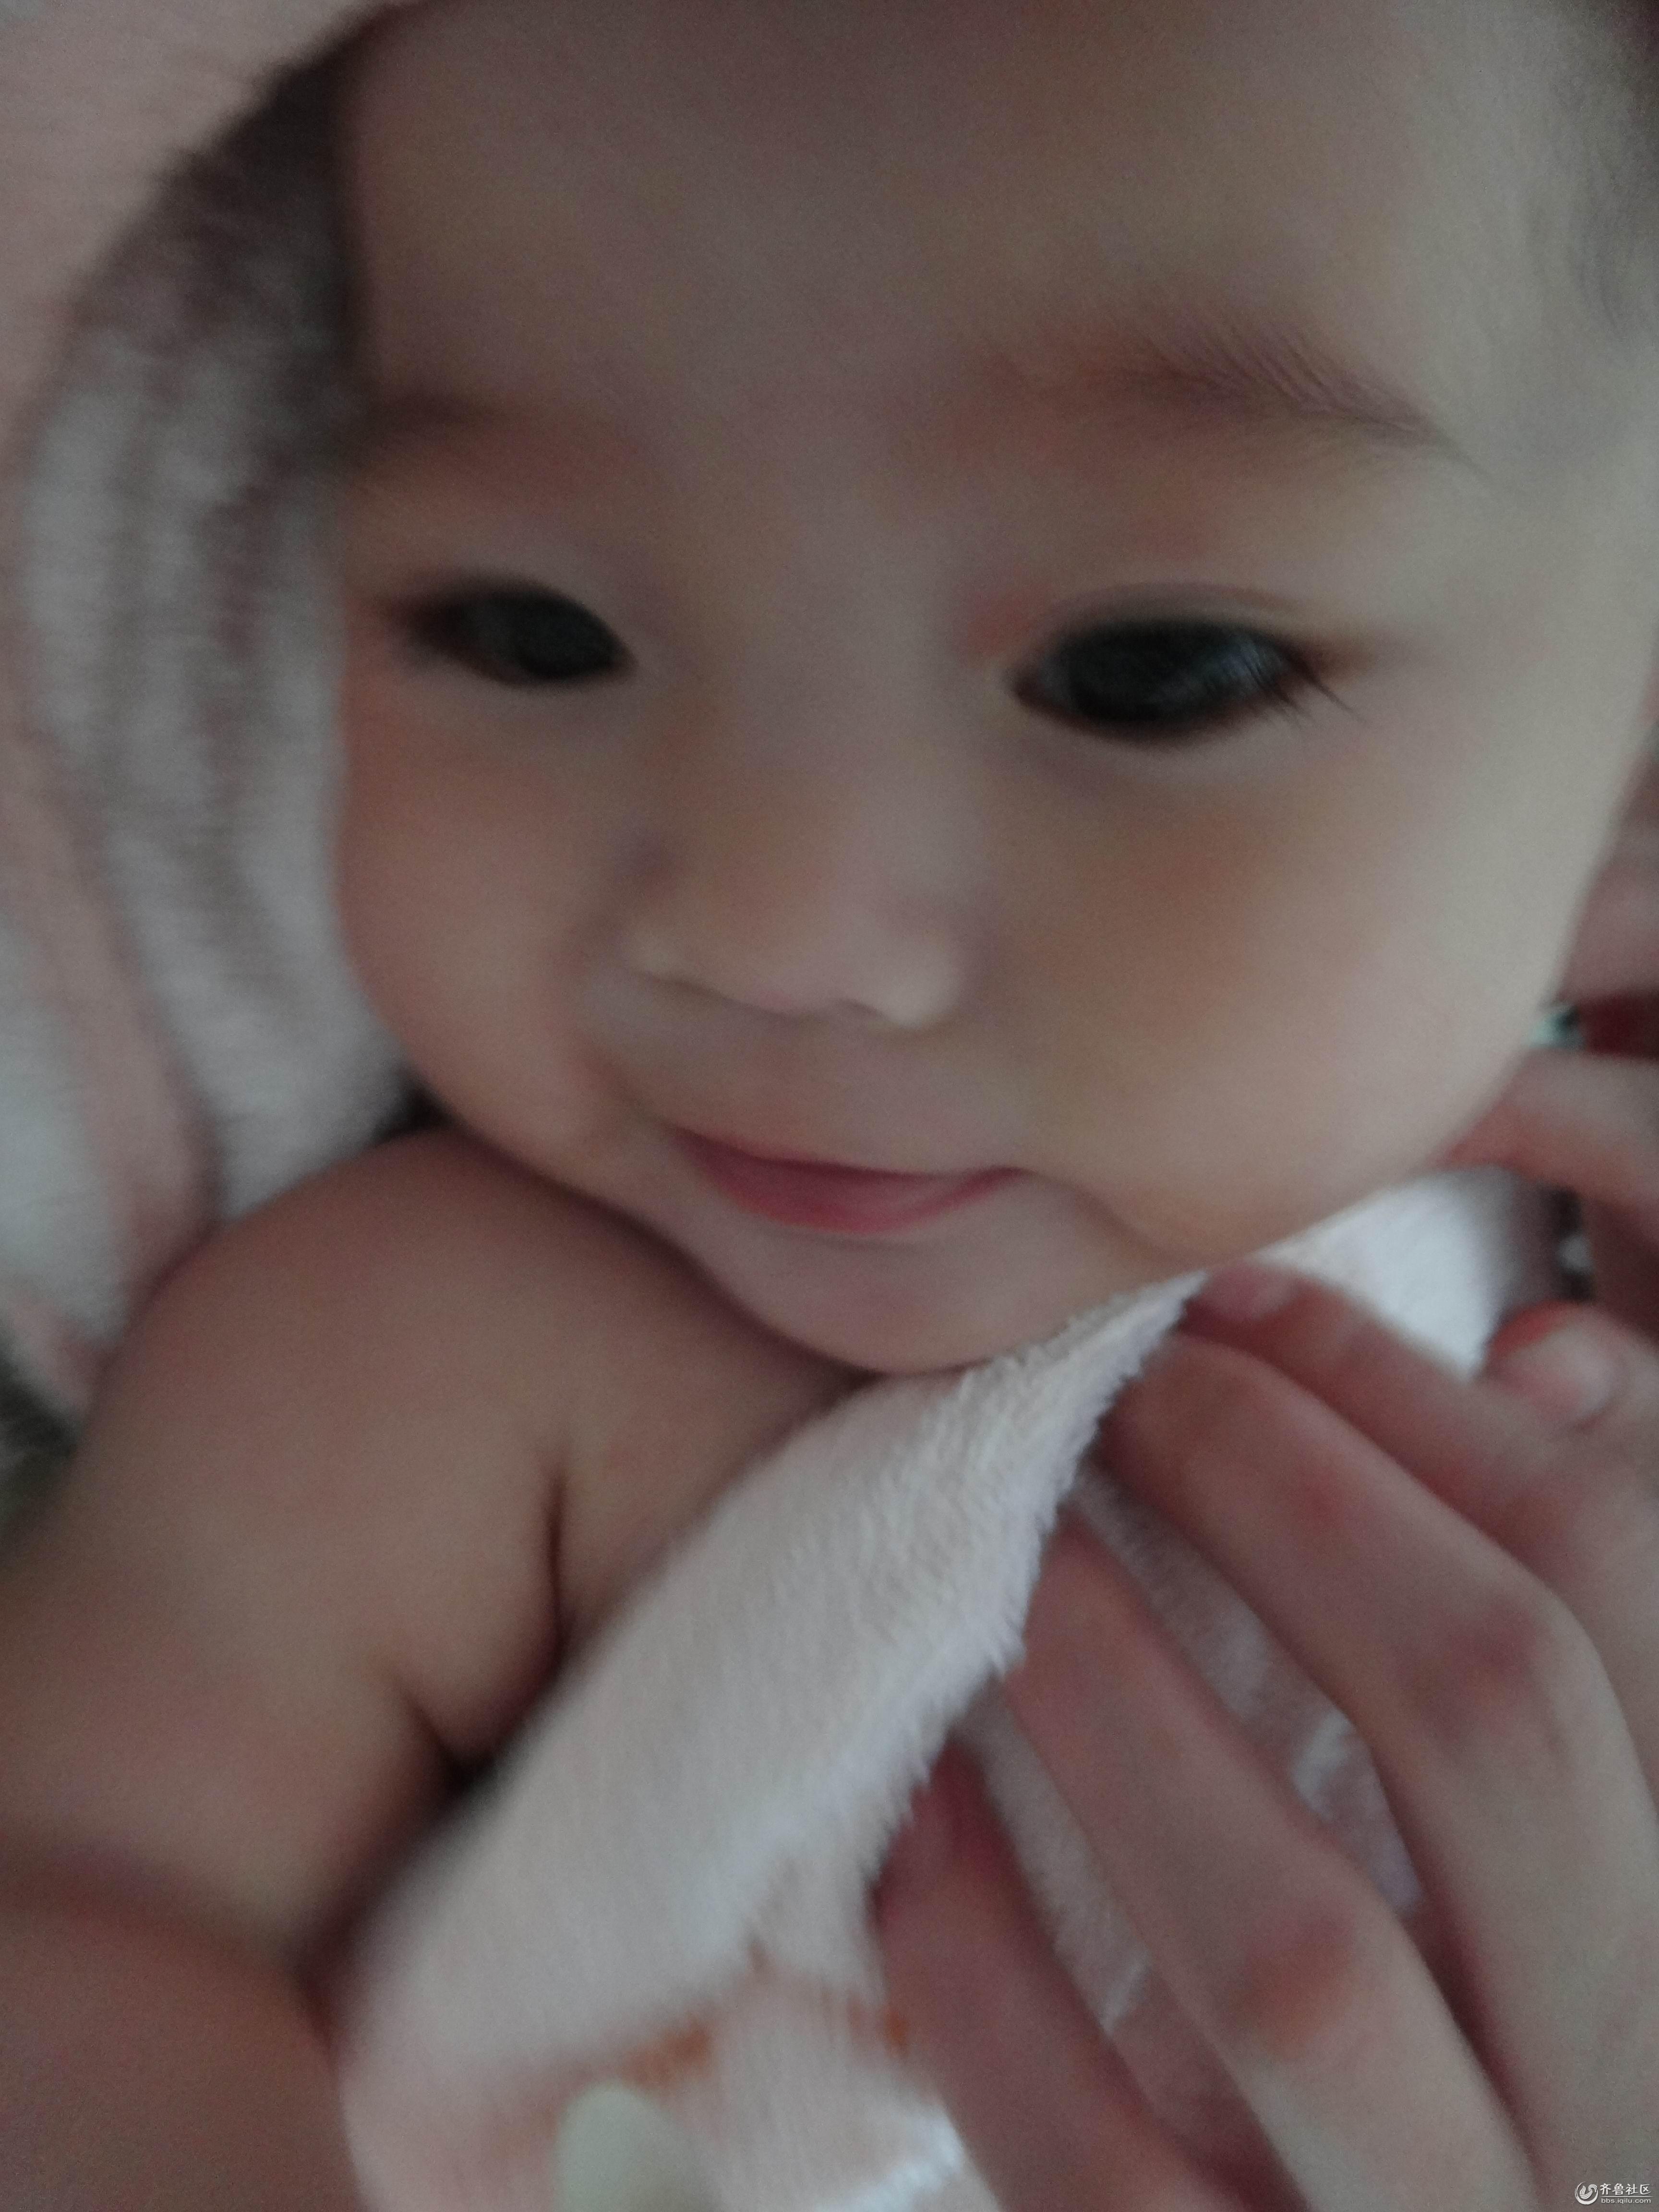 刚出生可爱婴儿图片